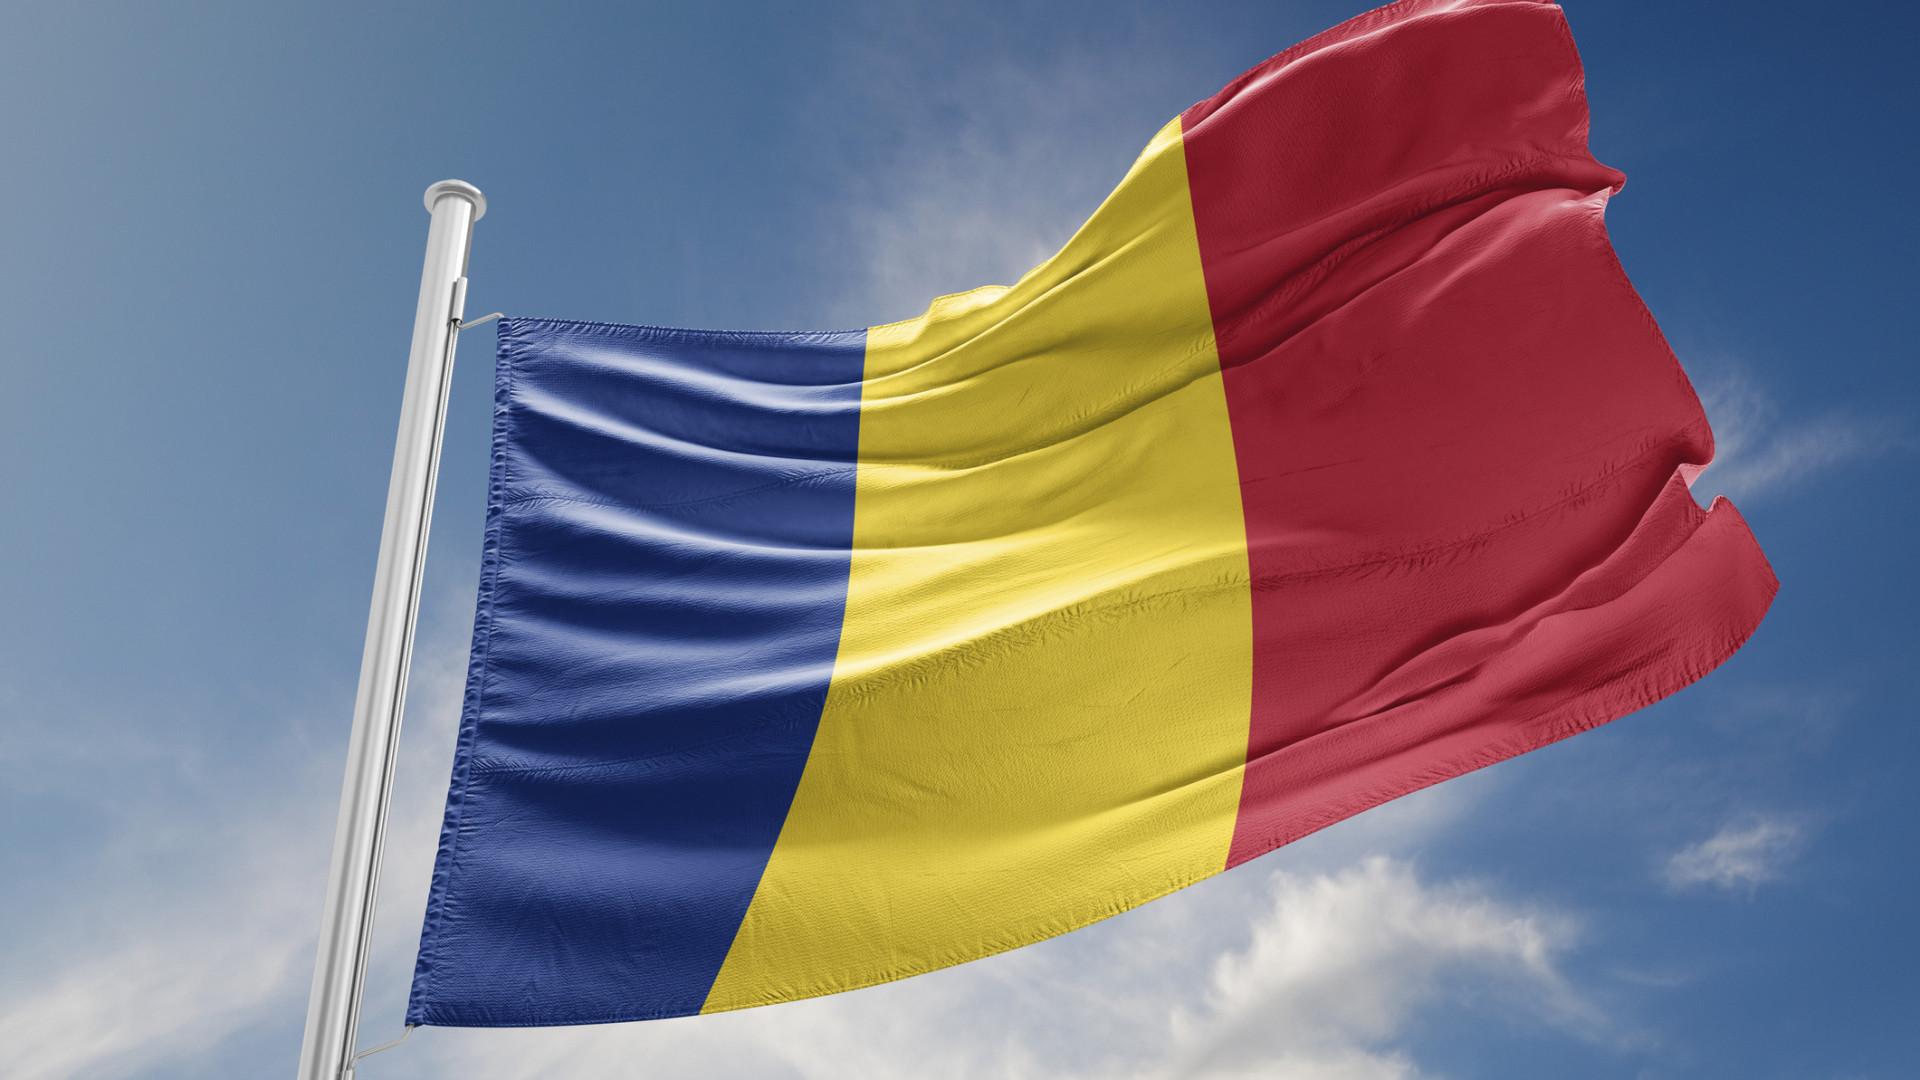 Comissão Europeia ameaça Roménia de sanções por reformas polémicas